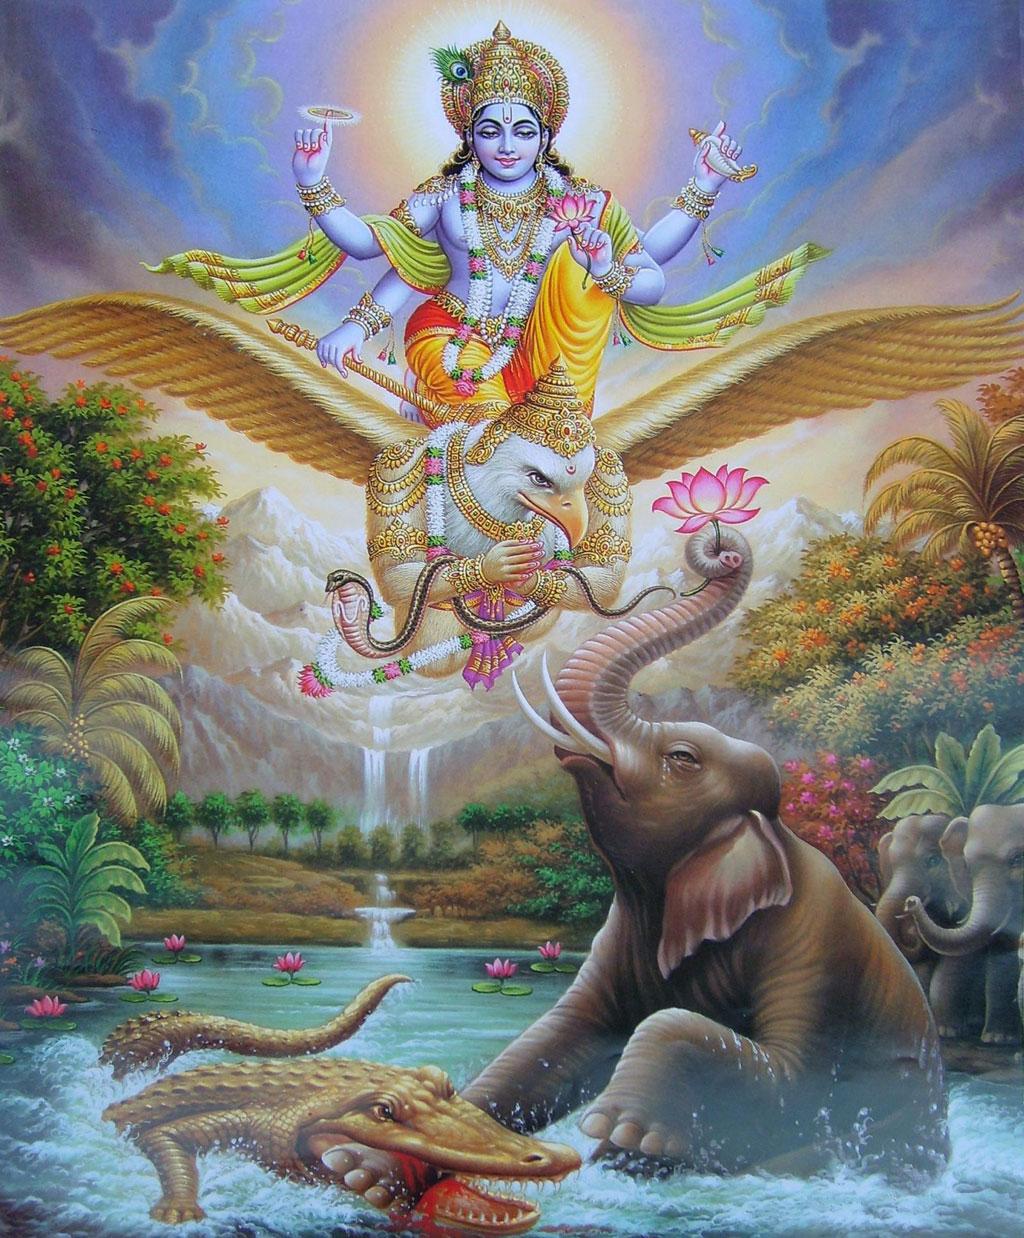 Bhagwan vishnu garuda avatar